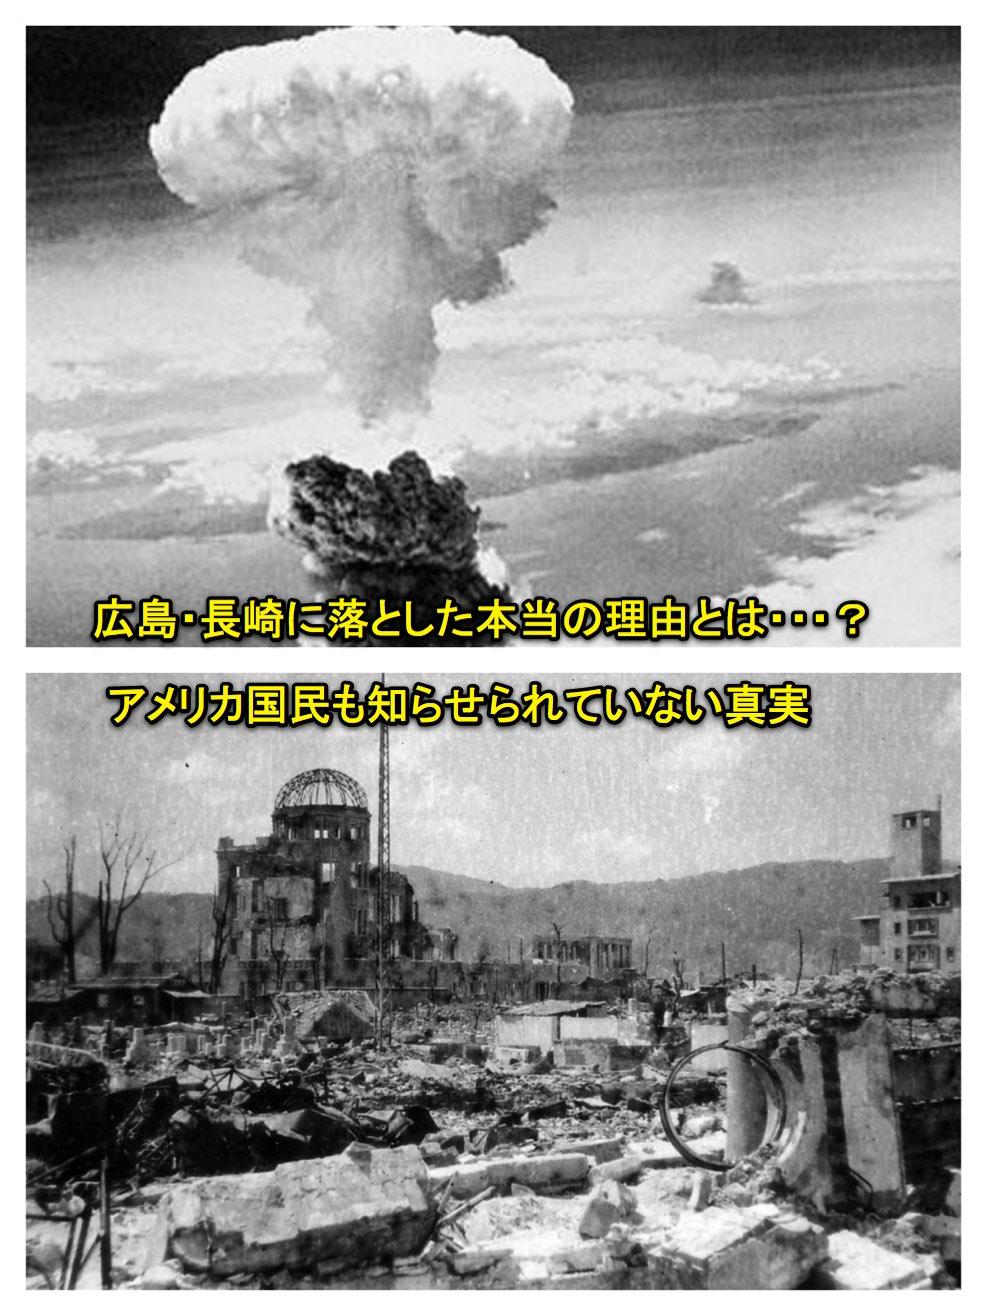 原爆投下 1